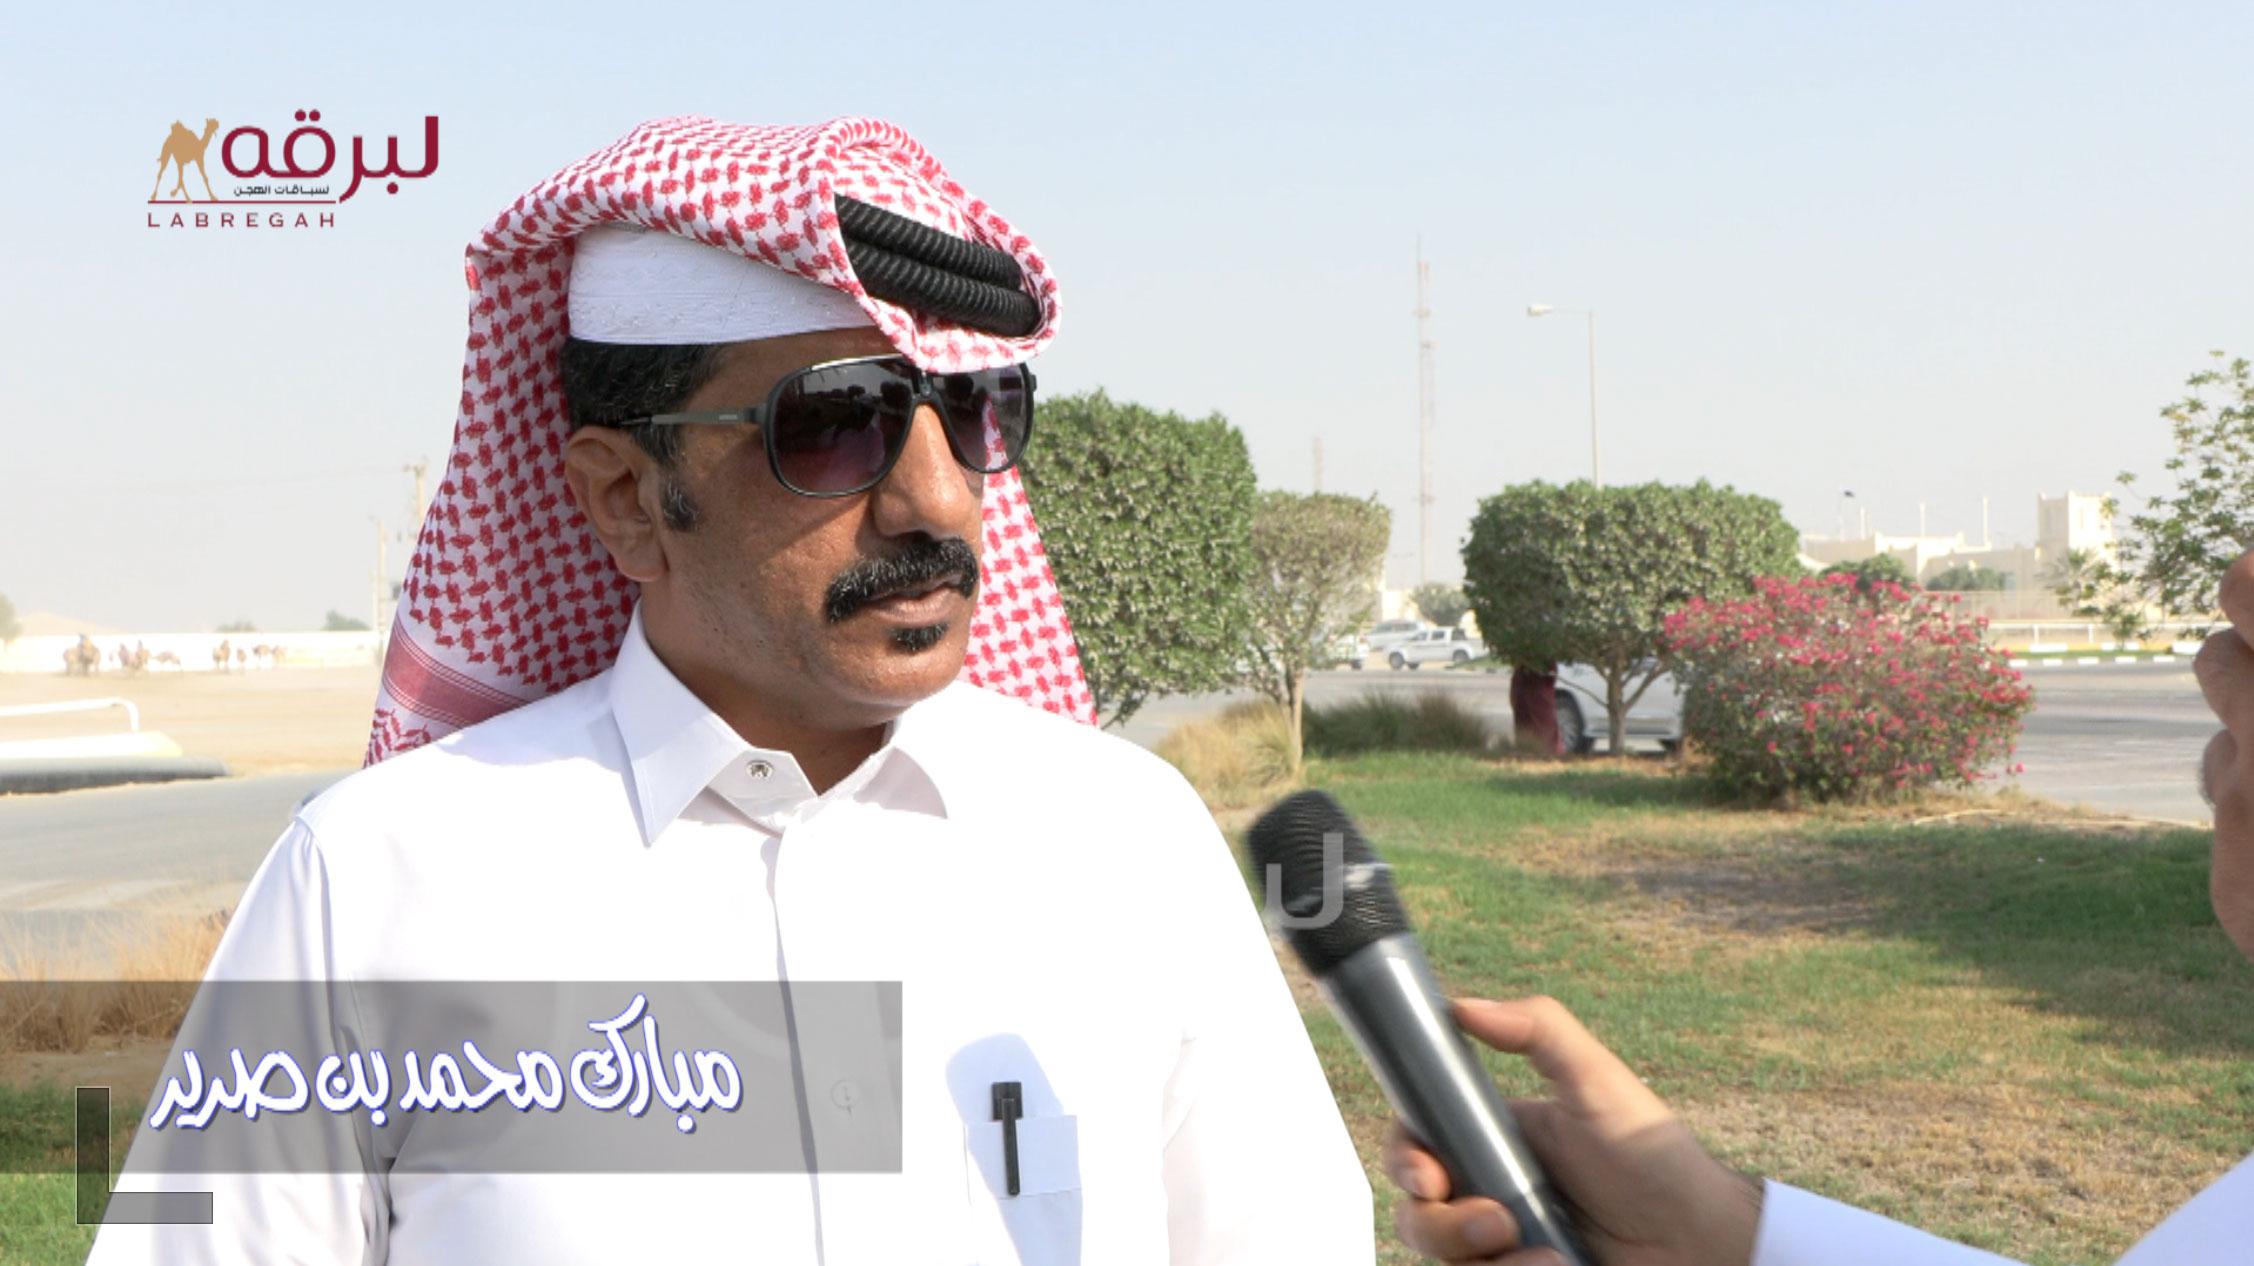 لقاء مع مبارك محمد بن صرير.. الشوط الرئيسي لقايا قعدان مفتوح ميدان الشحانية ٧-٩-٢٠٢١